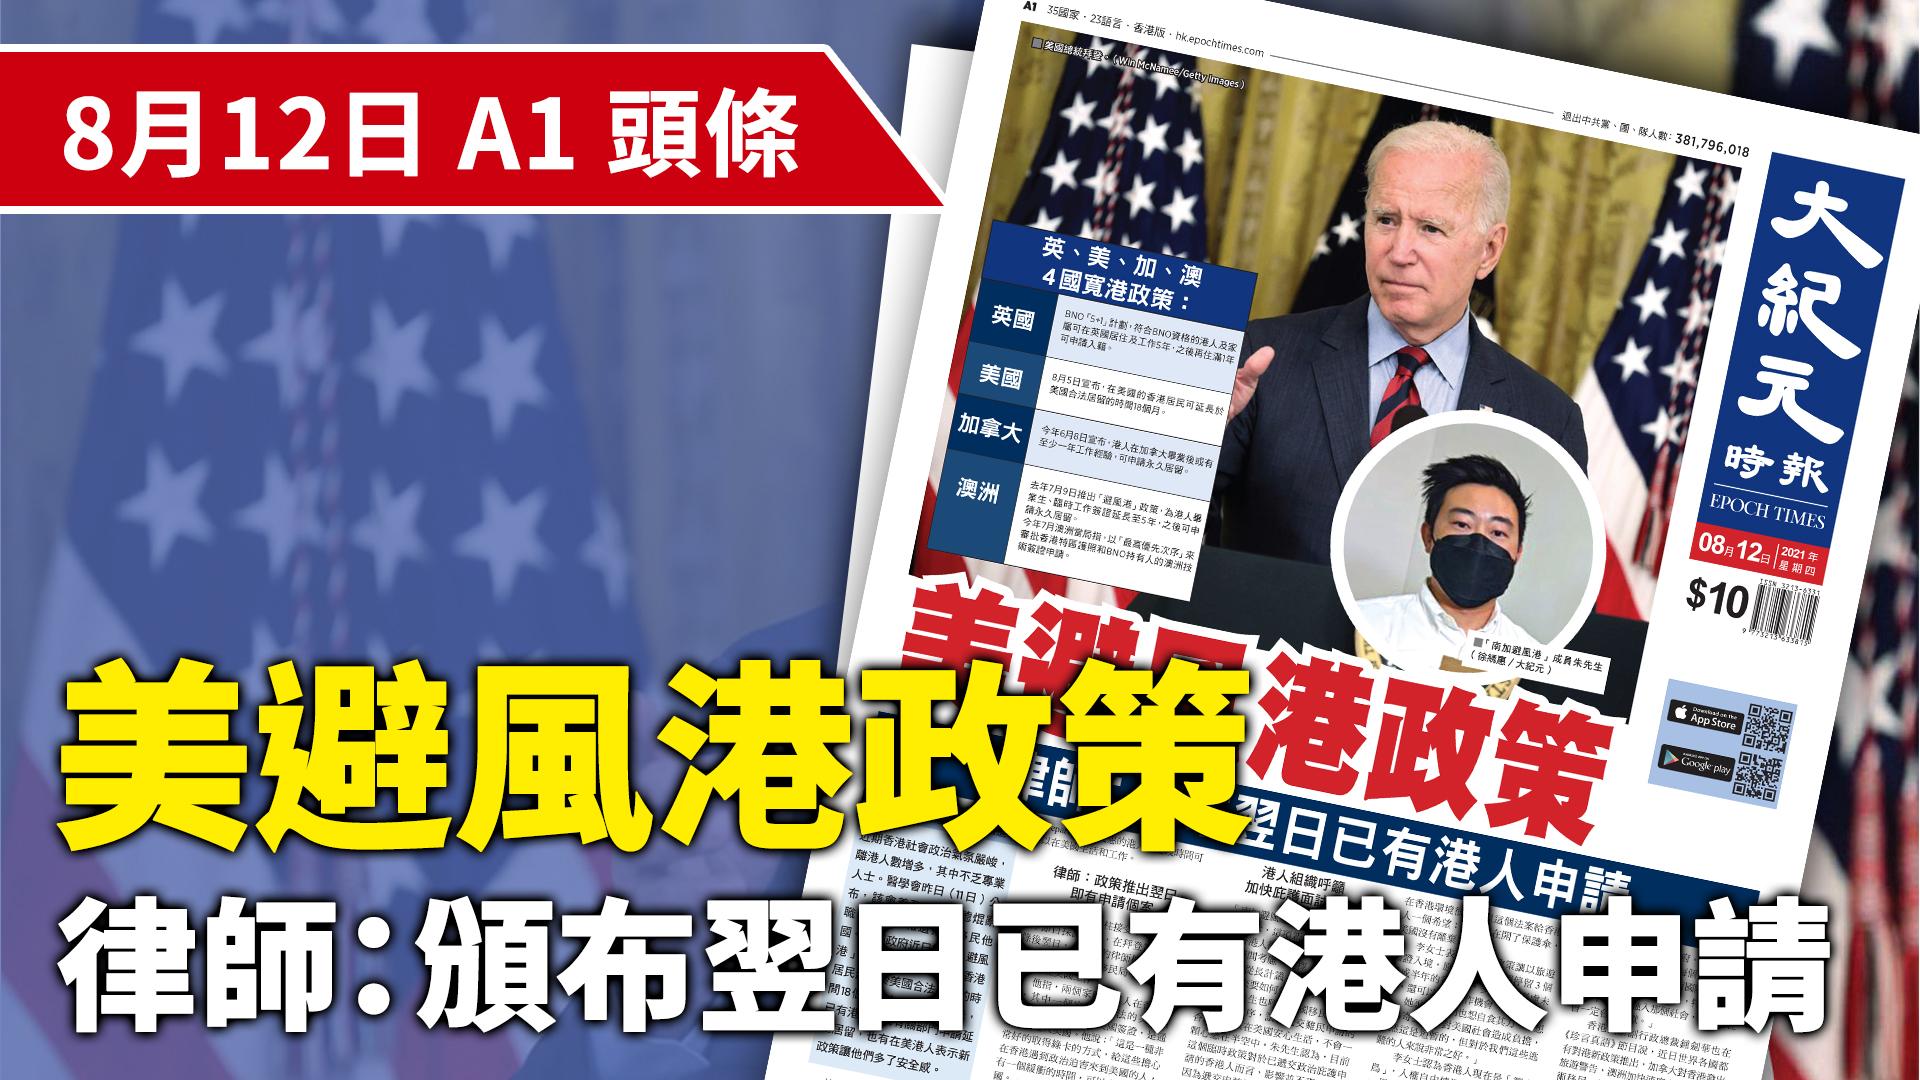 美國總統拜登。(Win McNamee/Getty Images)小圖:「 南加避風港」成員朱先生 。( 徐綉惠/大紀元)